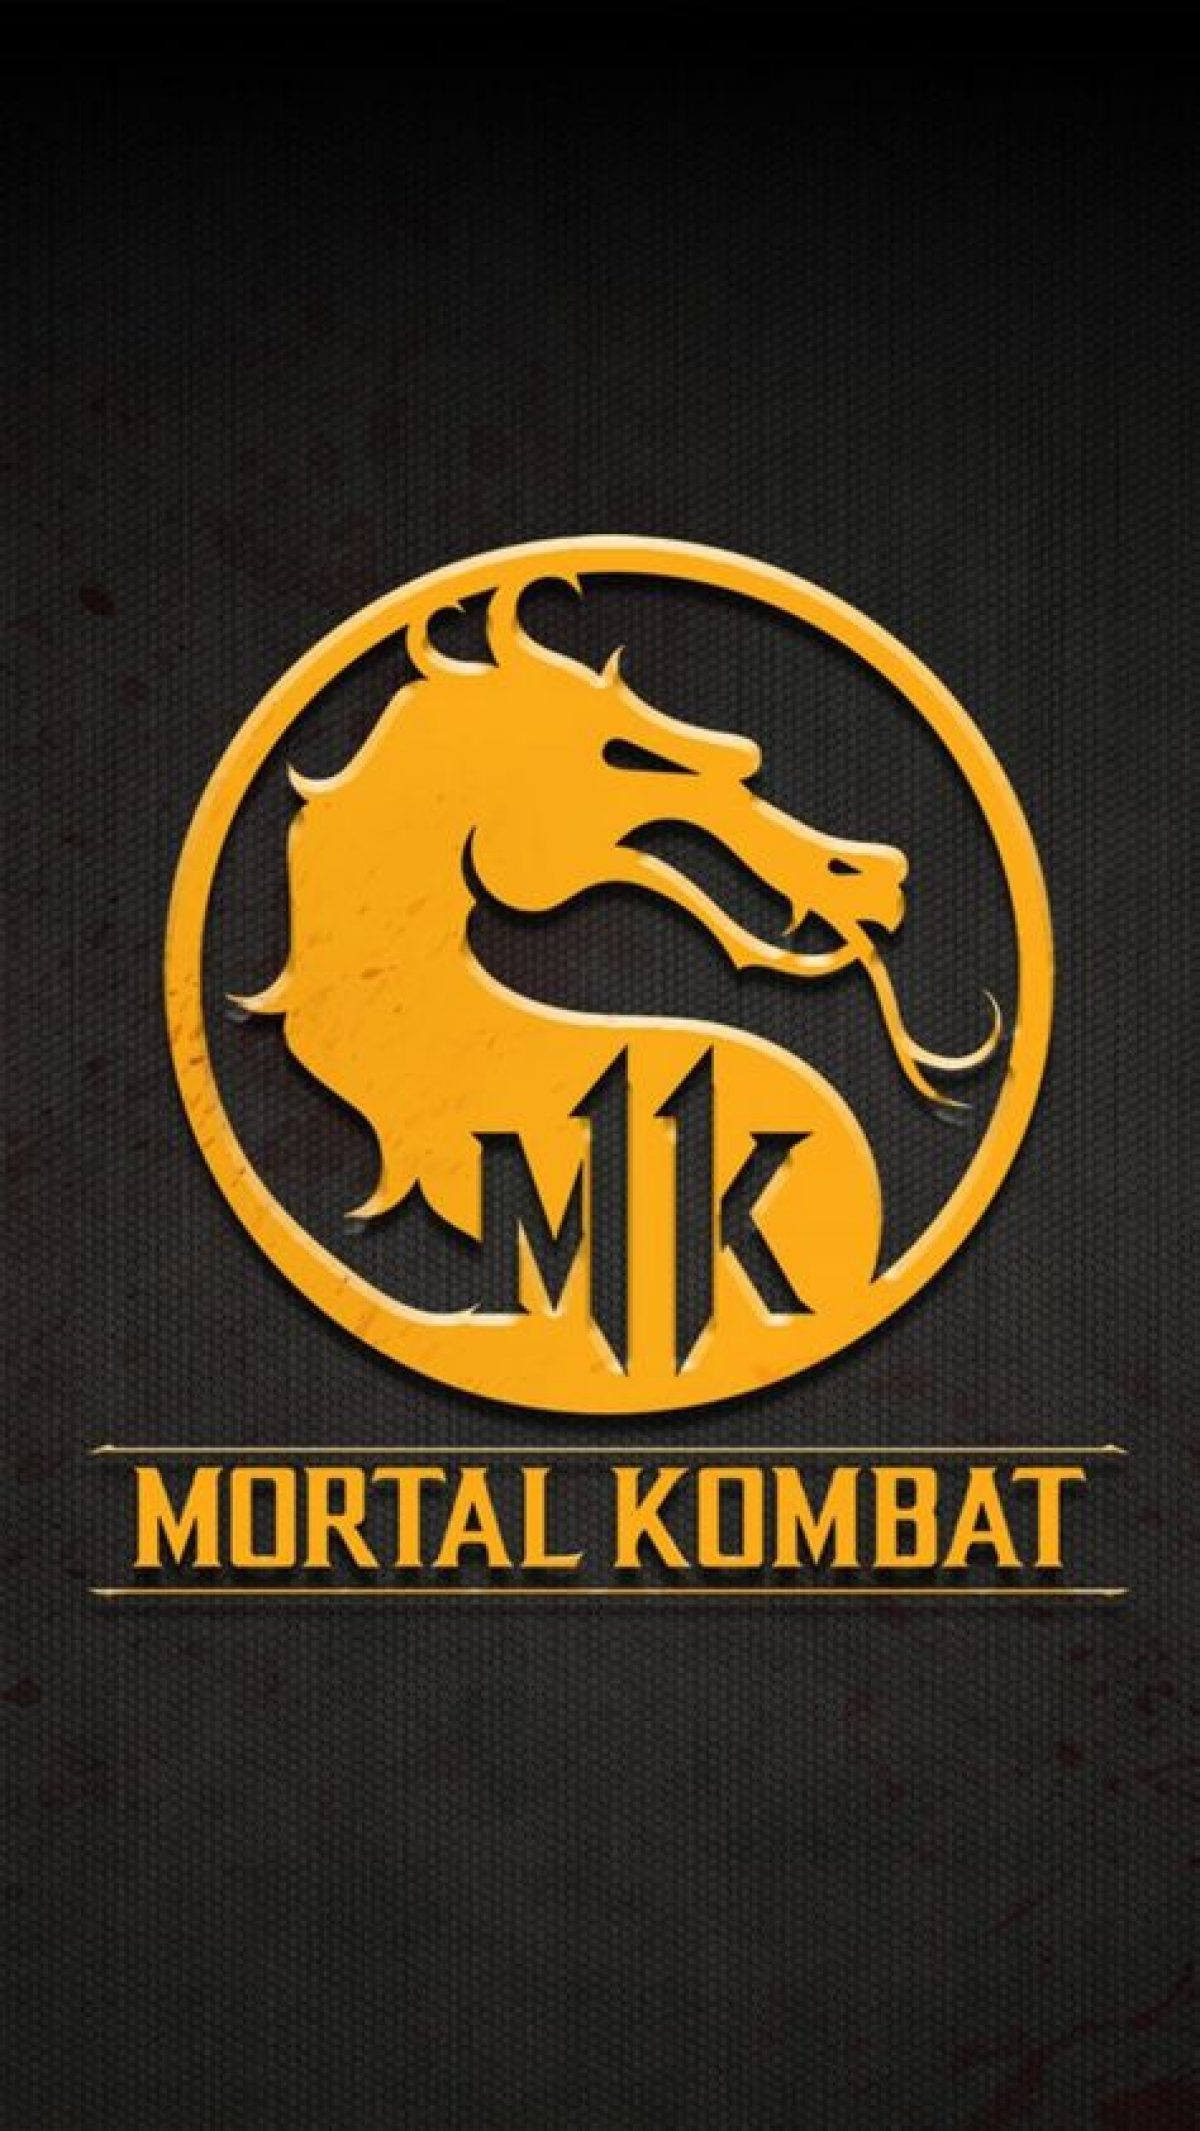 mortal kombat movie cast 1997